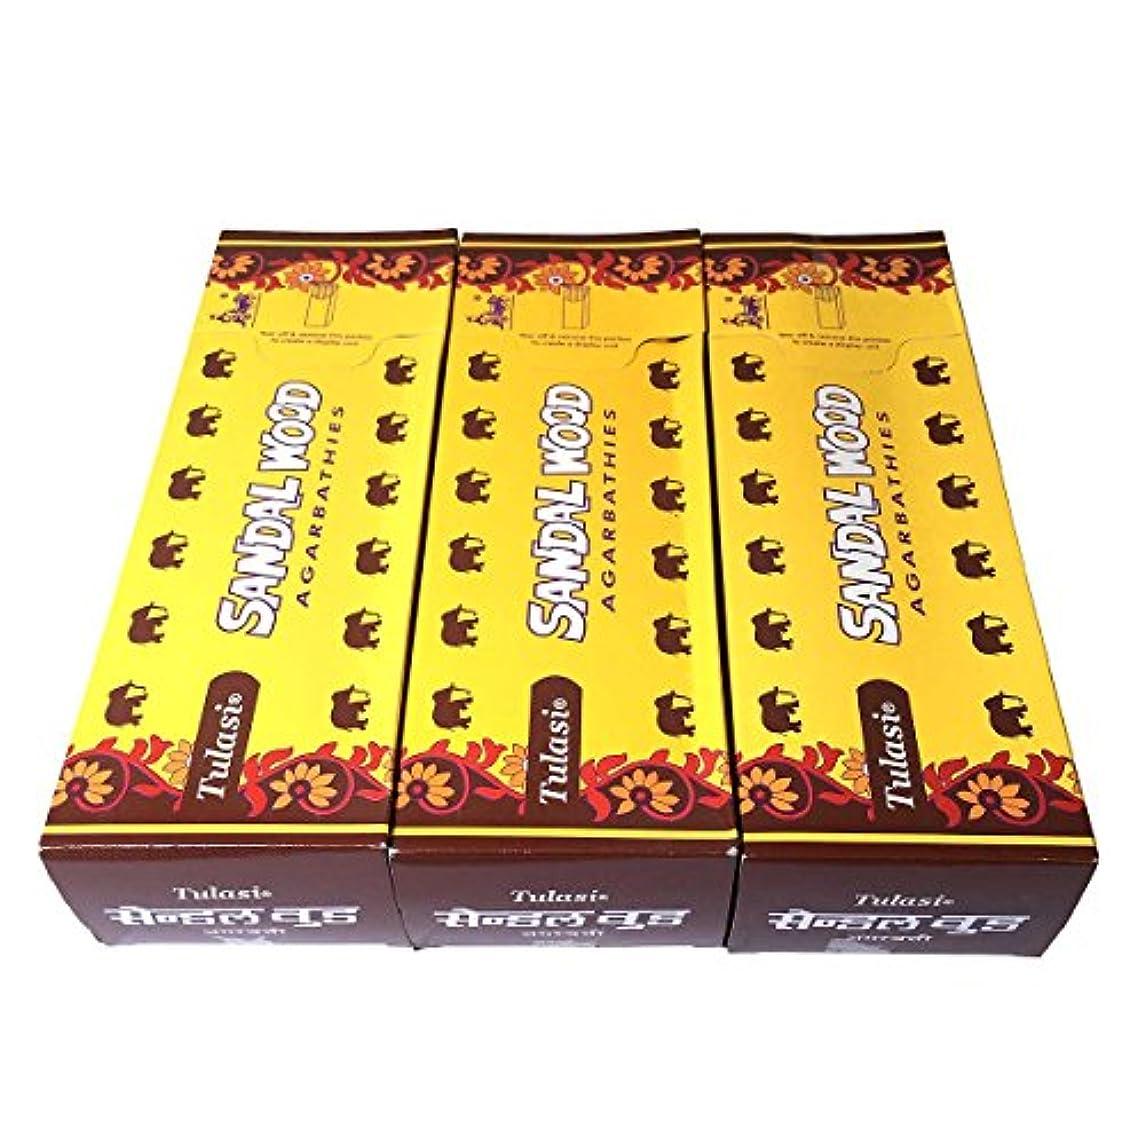 オンス干ばつ傾向がありますサンダルウッド香スティック 3BOX(18箱) /TULASI SANDAL WOOD/インセンス/インド香 お香 [並行輸入品]